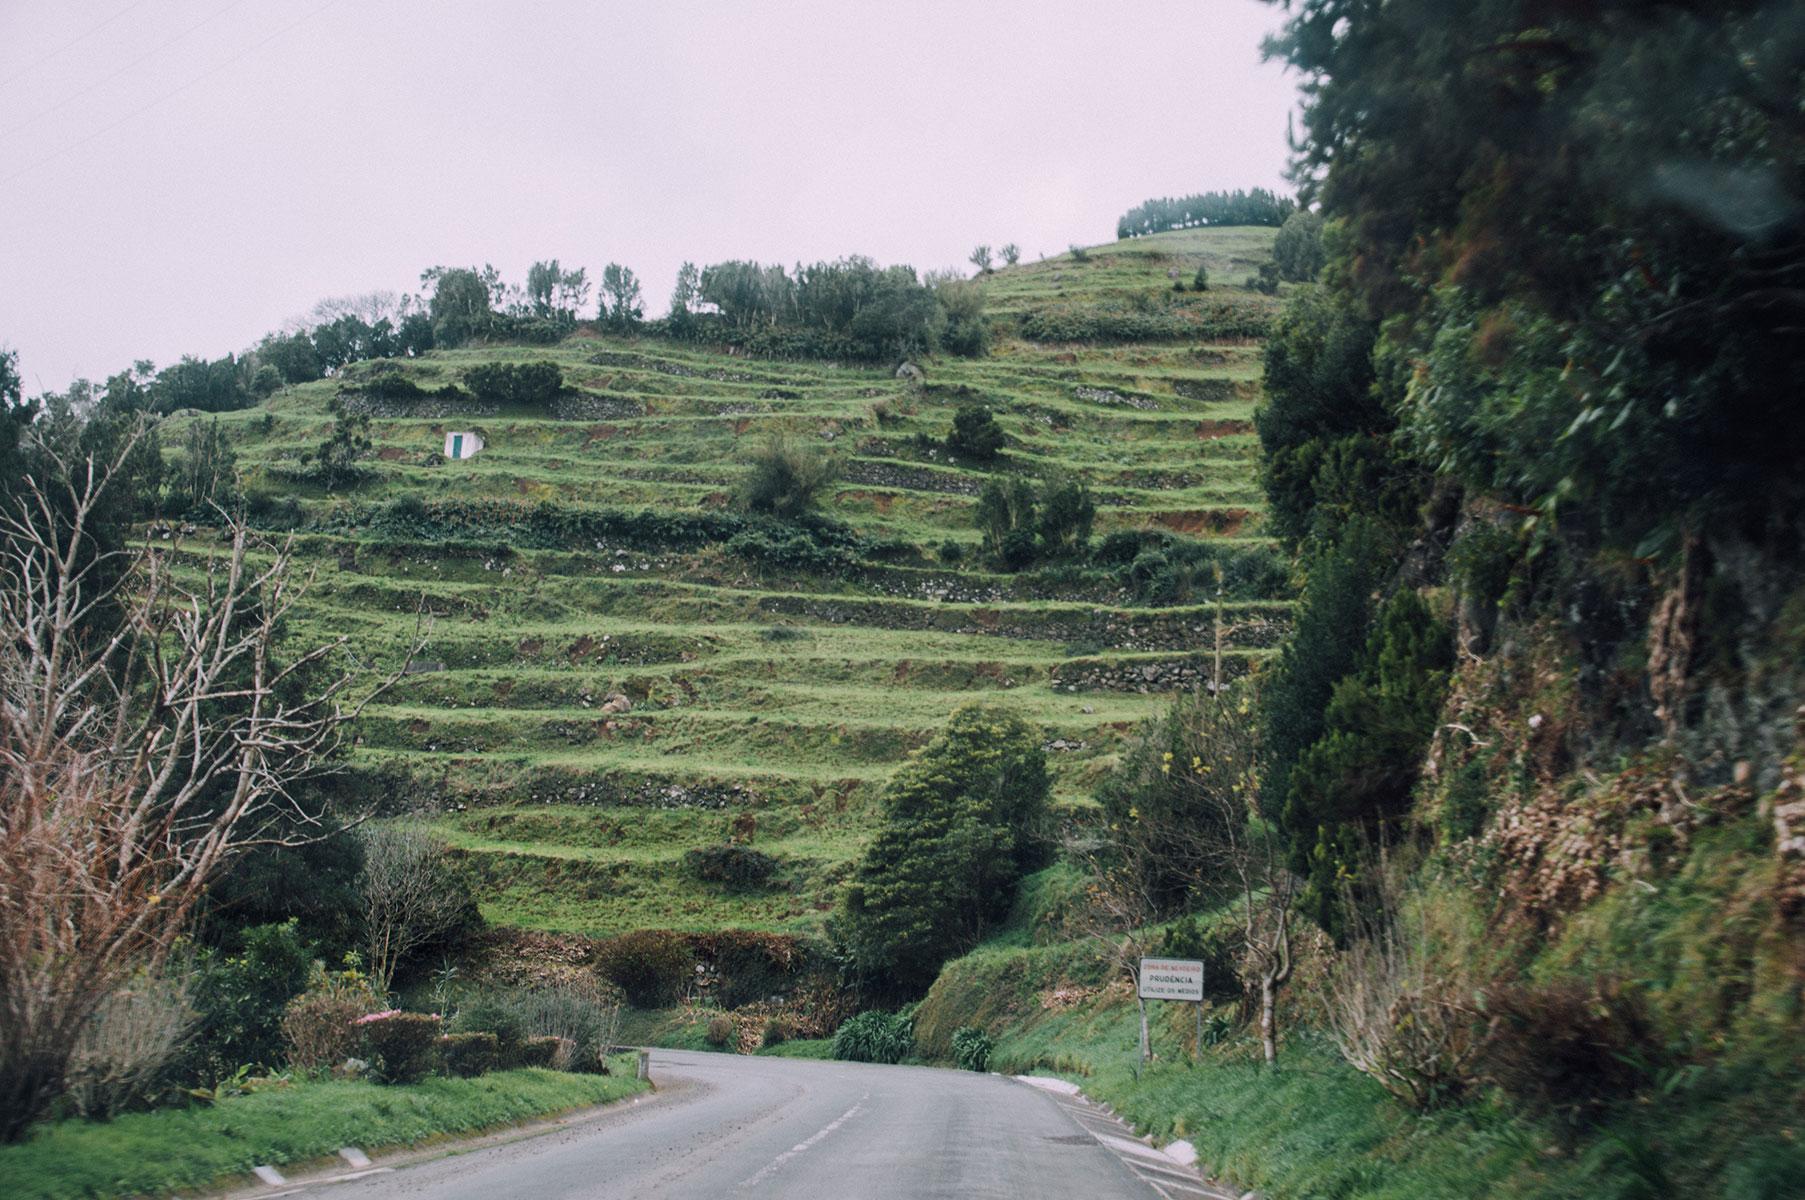 plantation thé sao miguel